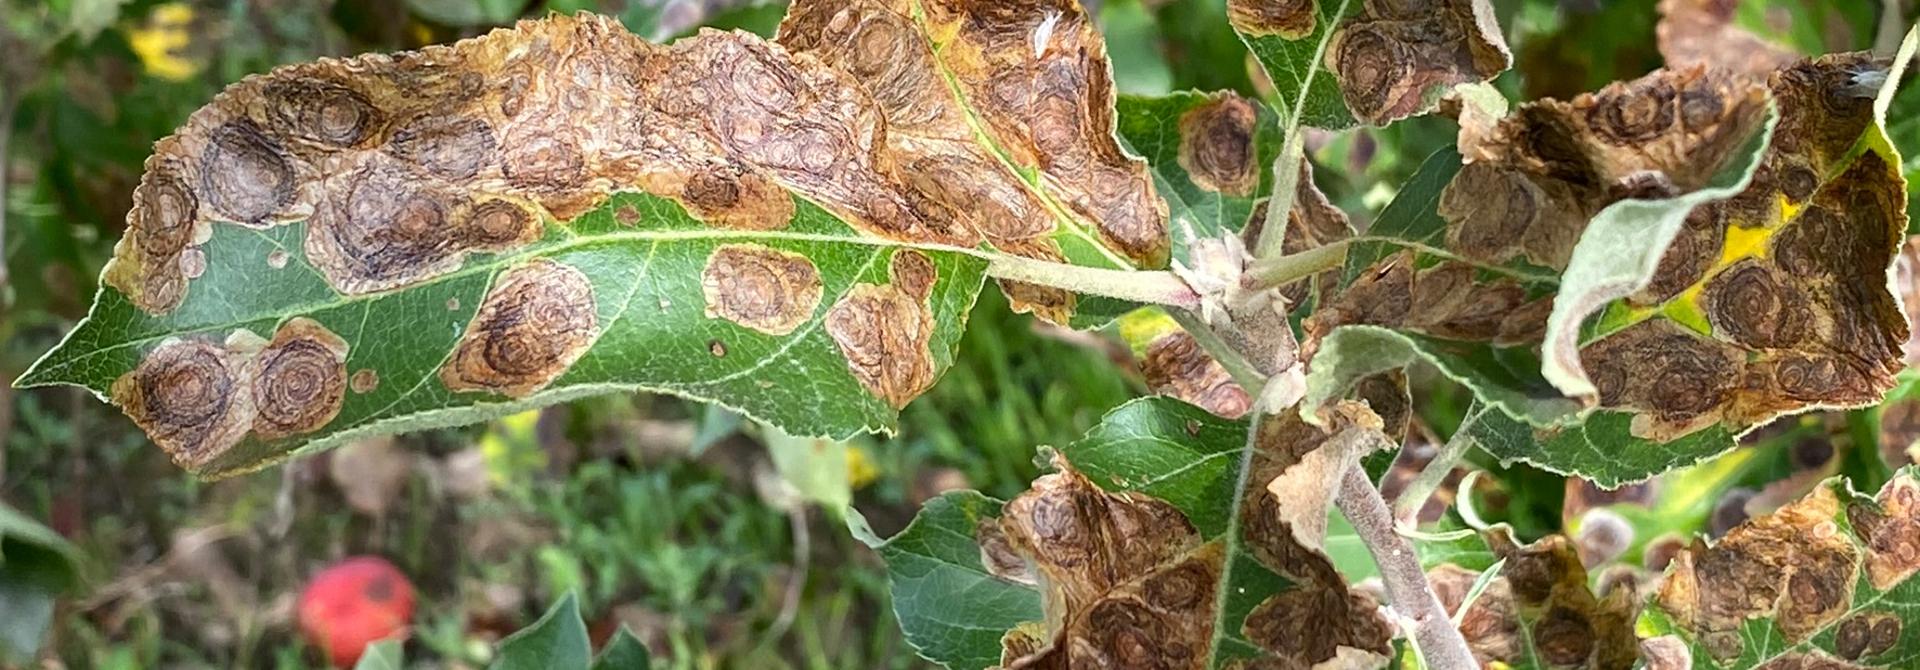 Starker Befall durch die Fleckenminiermotte an Apfelbaum.>